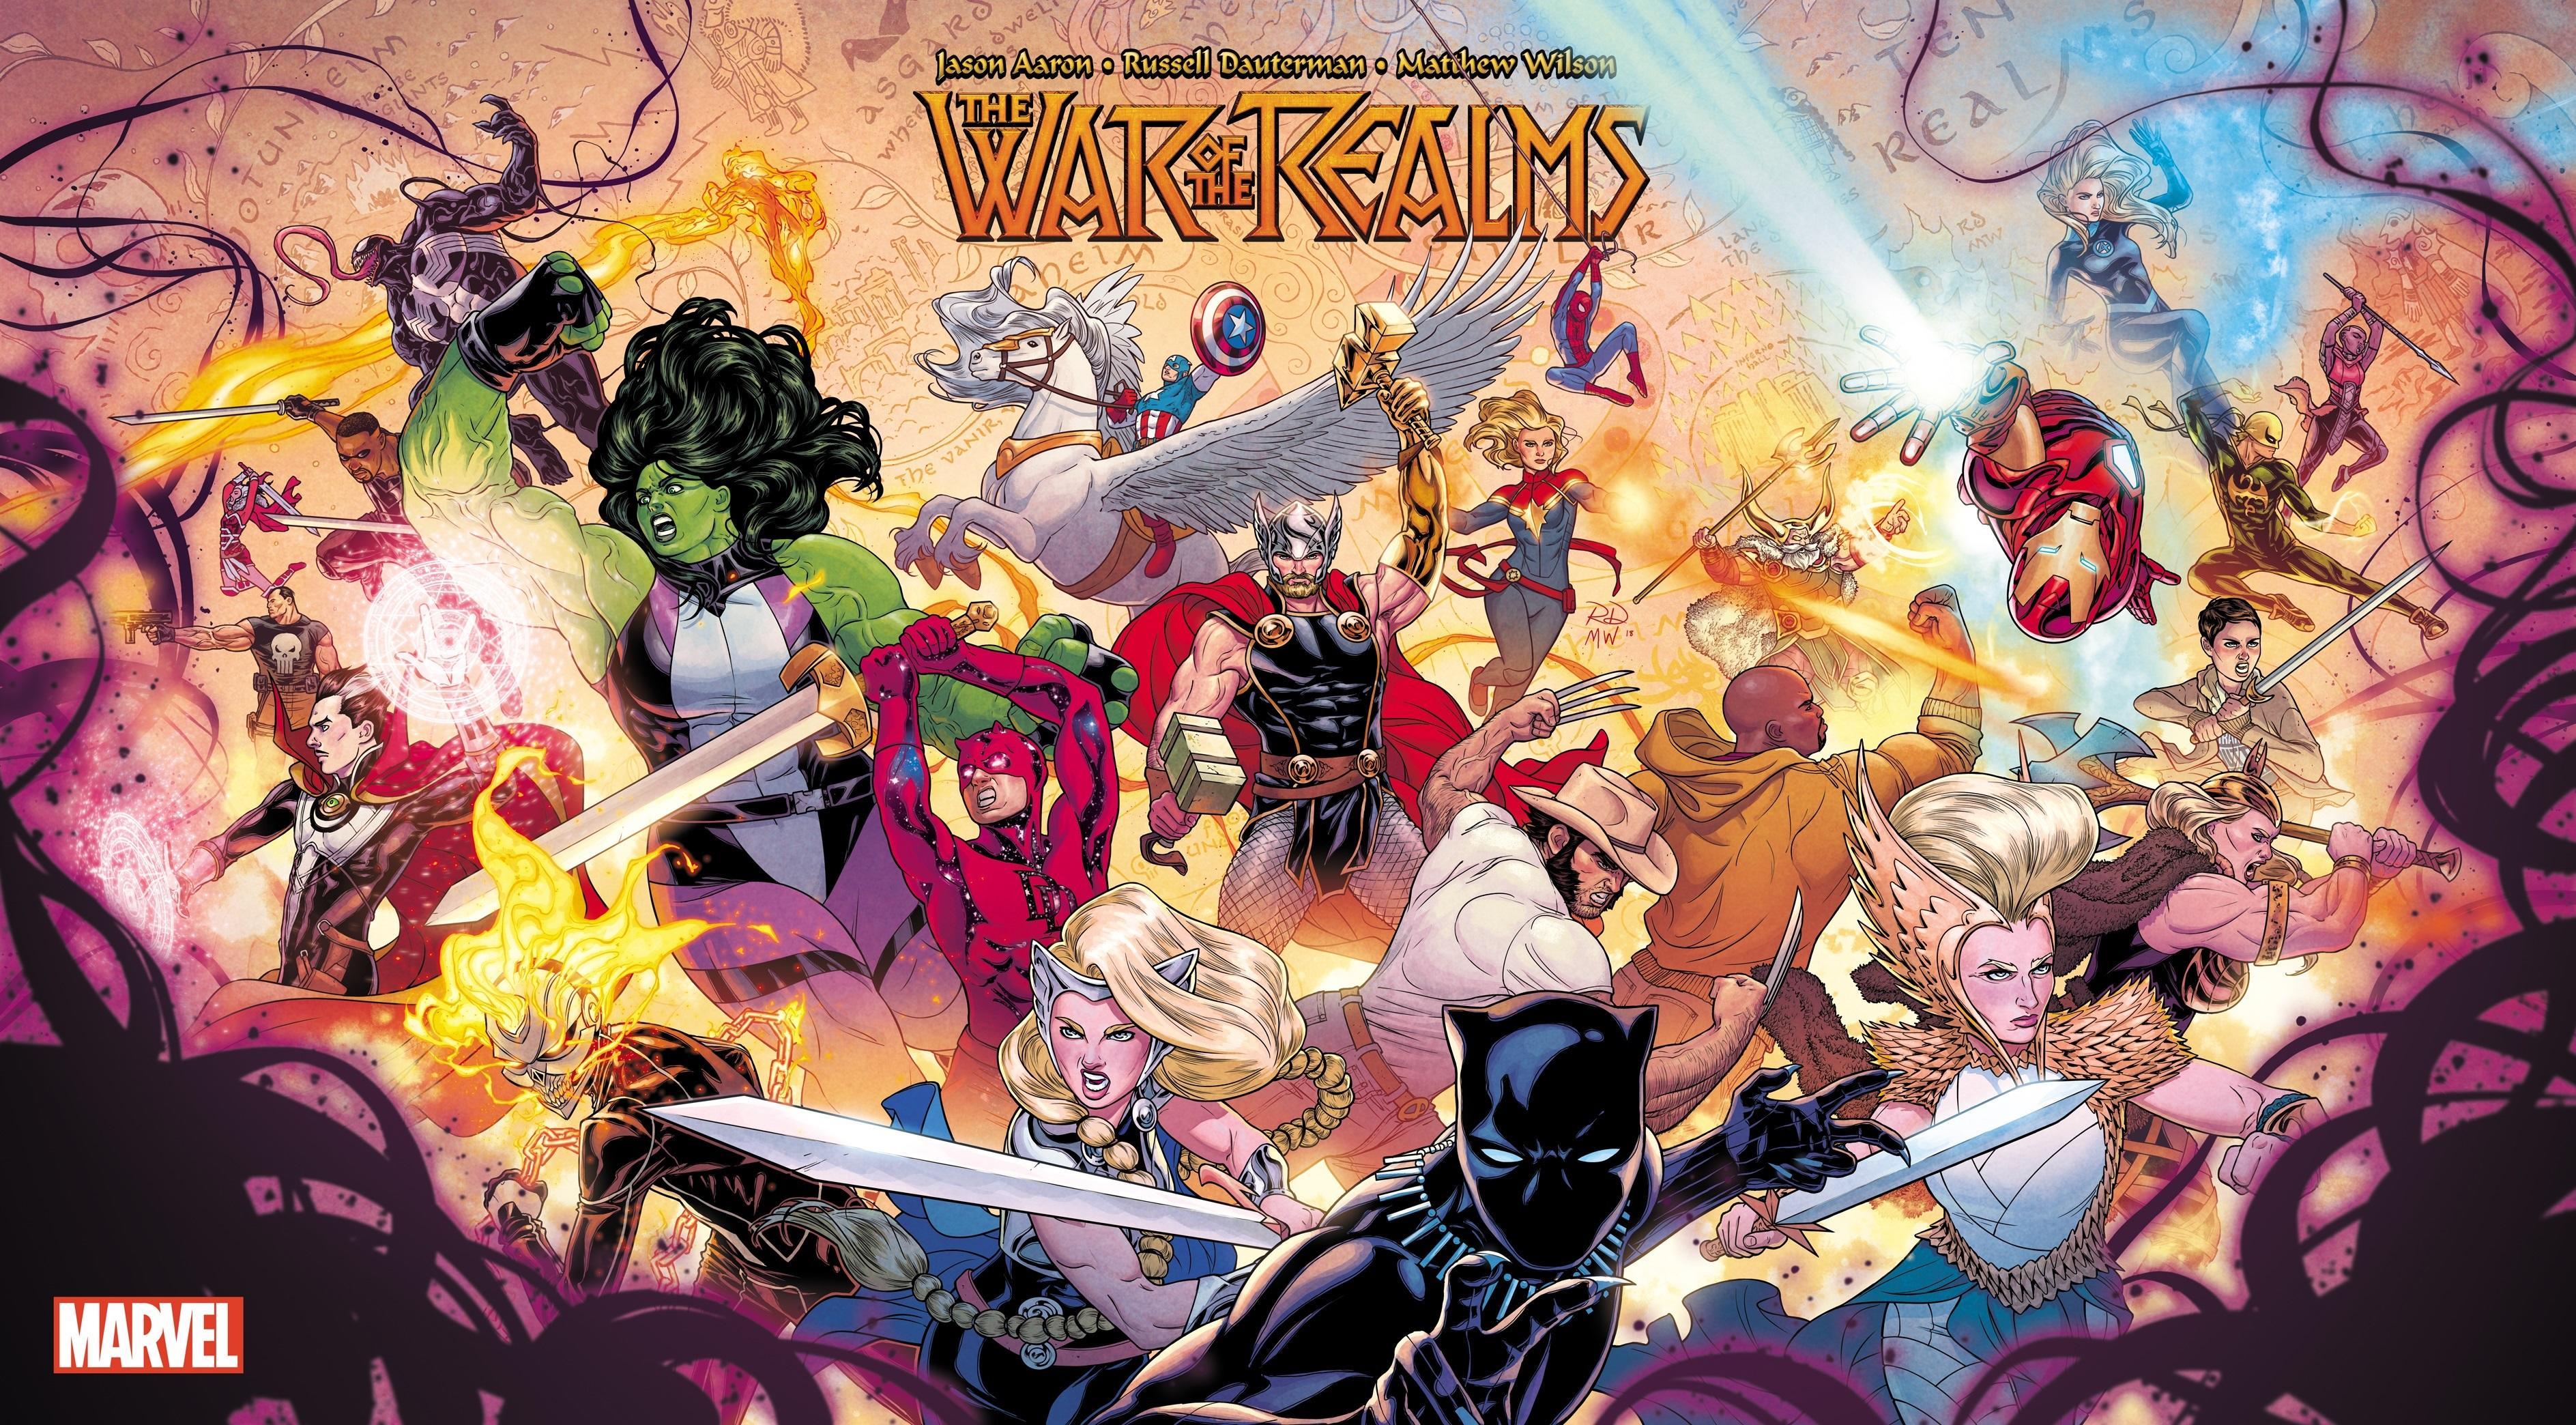 WAROFREALMS2019001_promo_cvr_inks_LOGO_rev